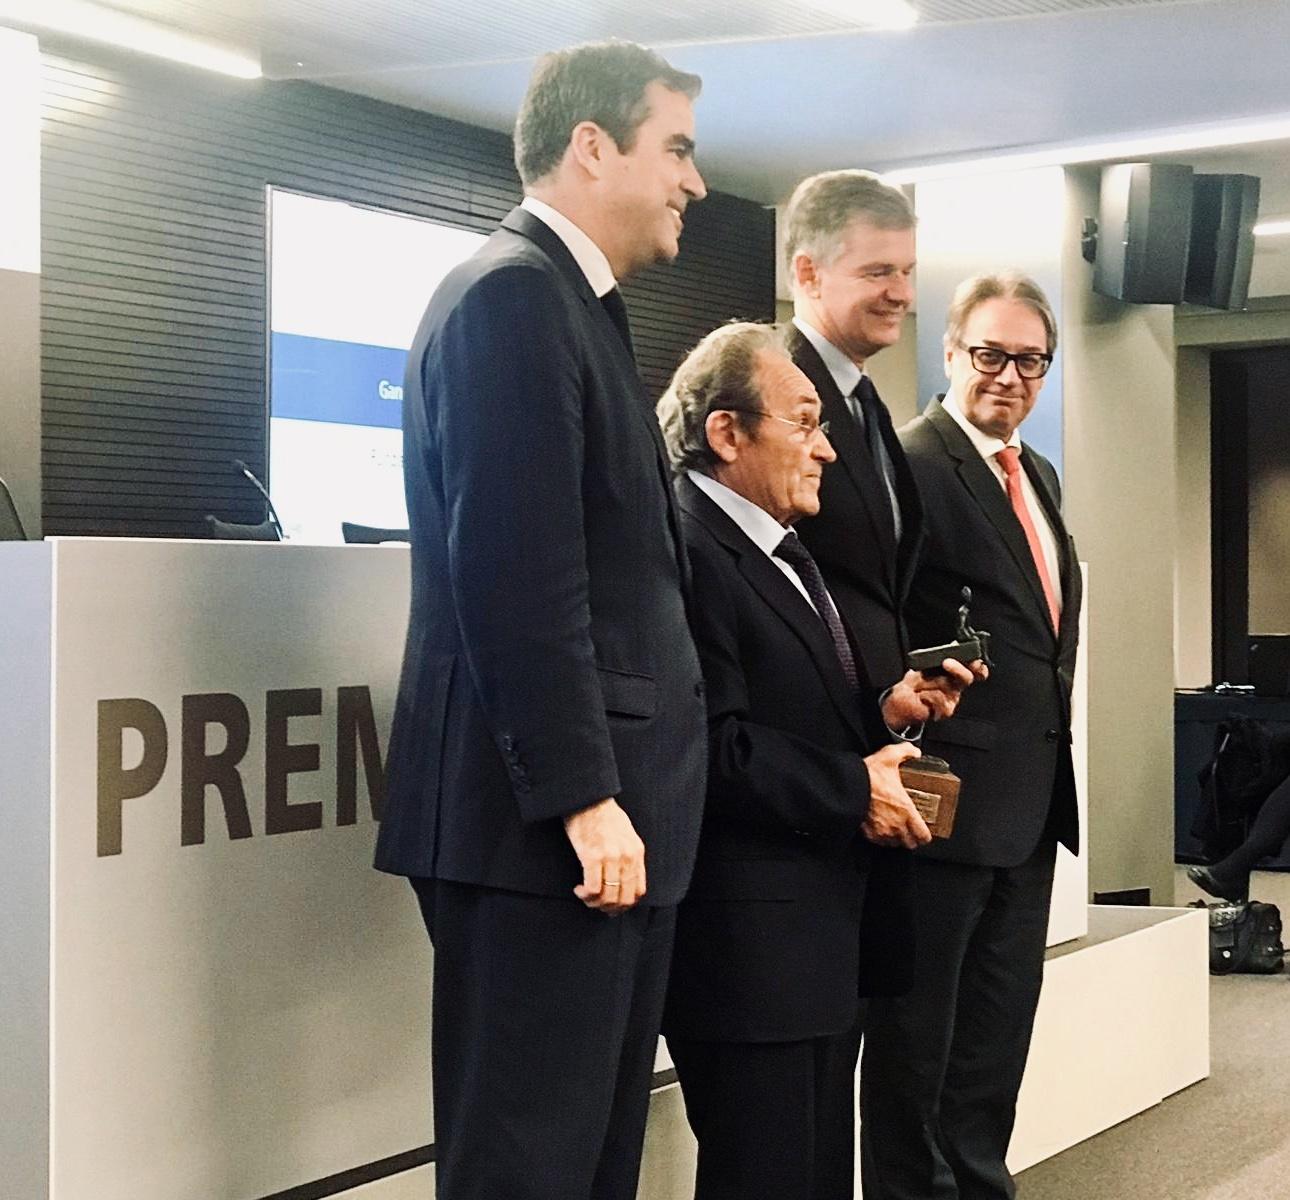 Premios a la filantropía de CaixaBank